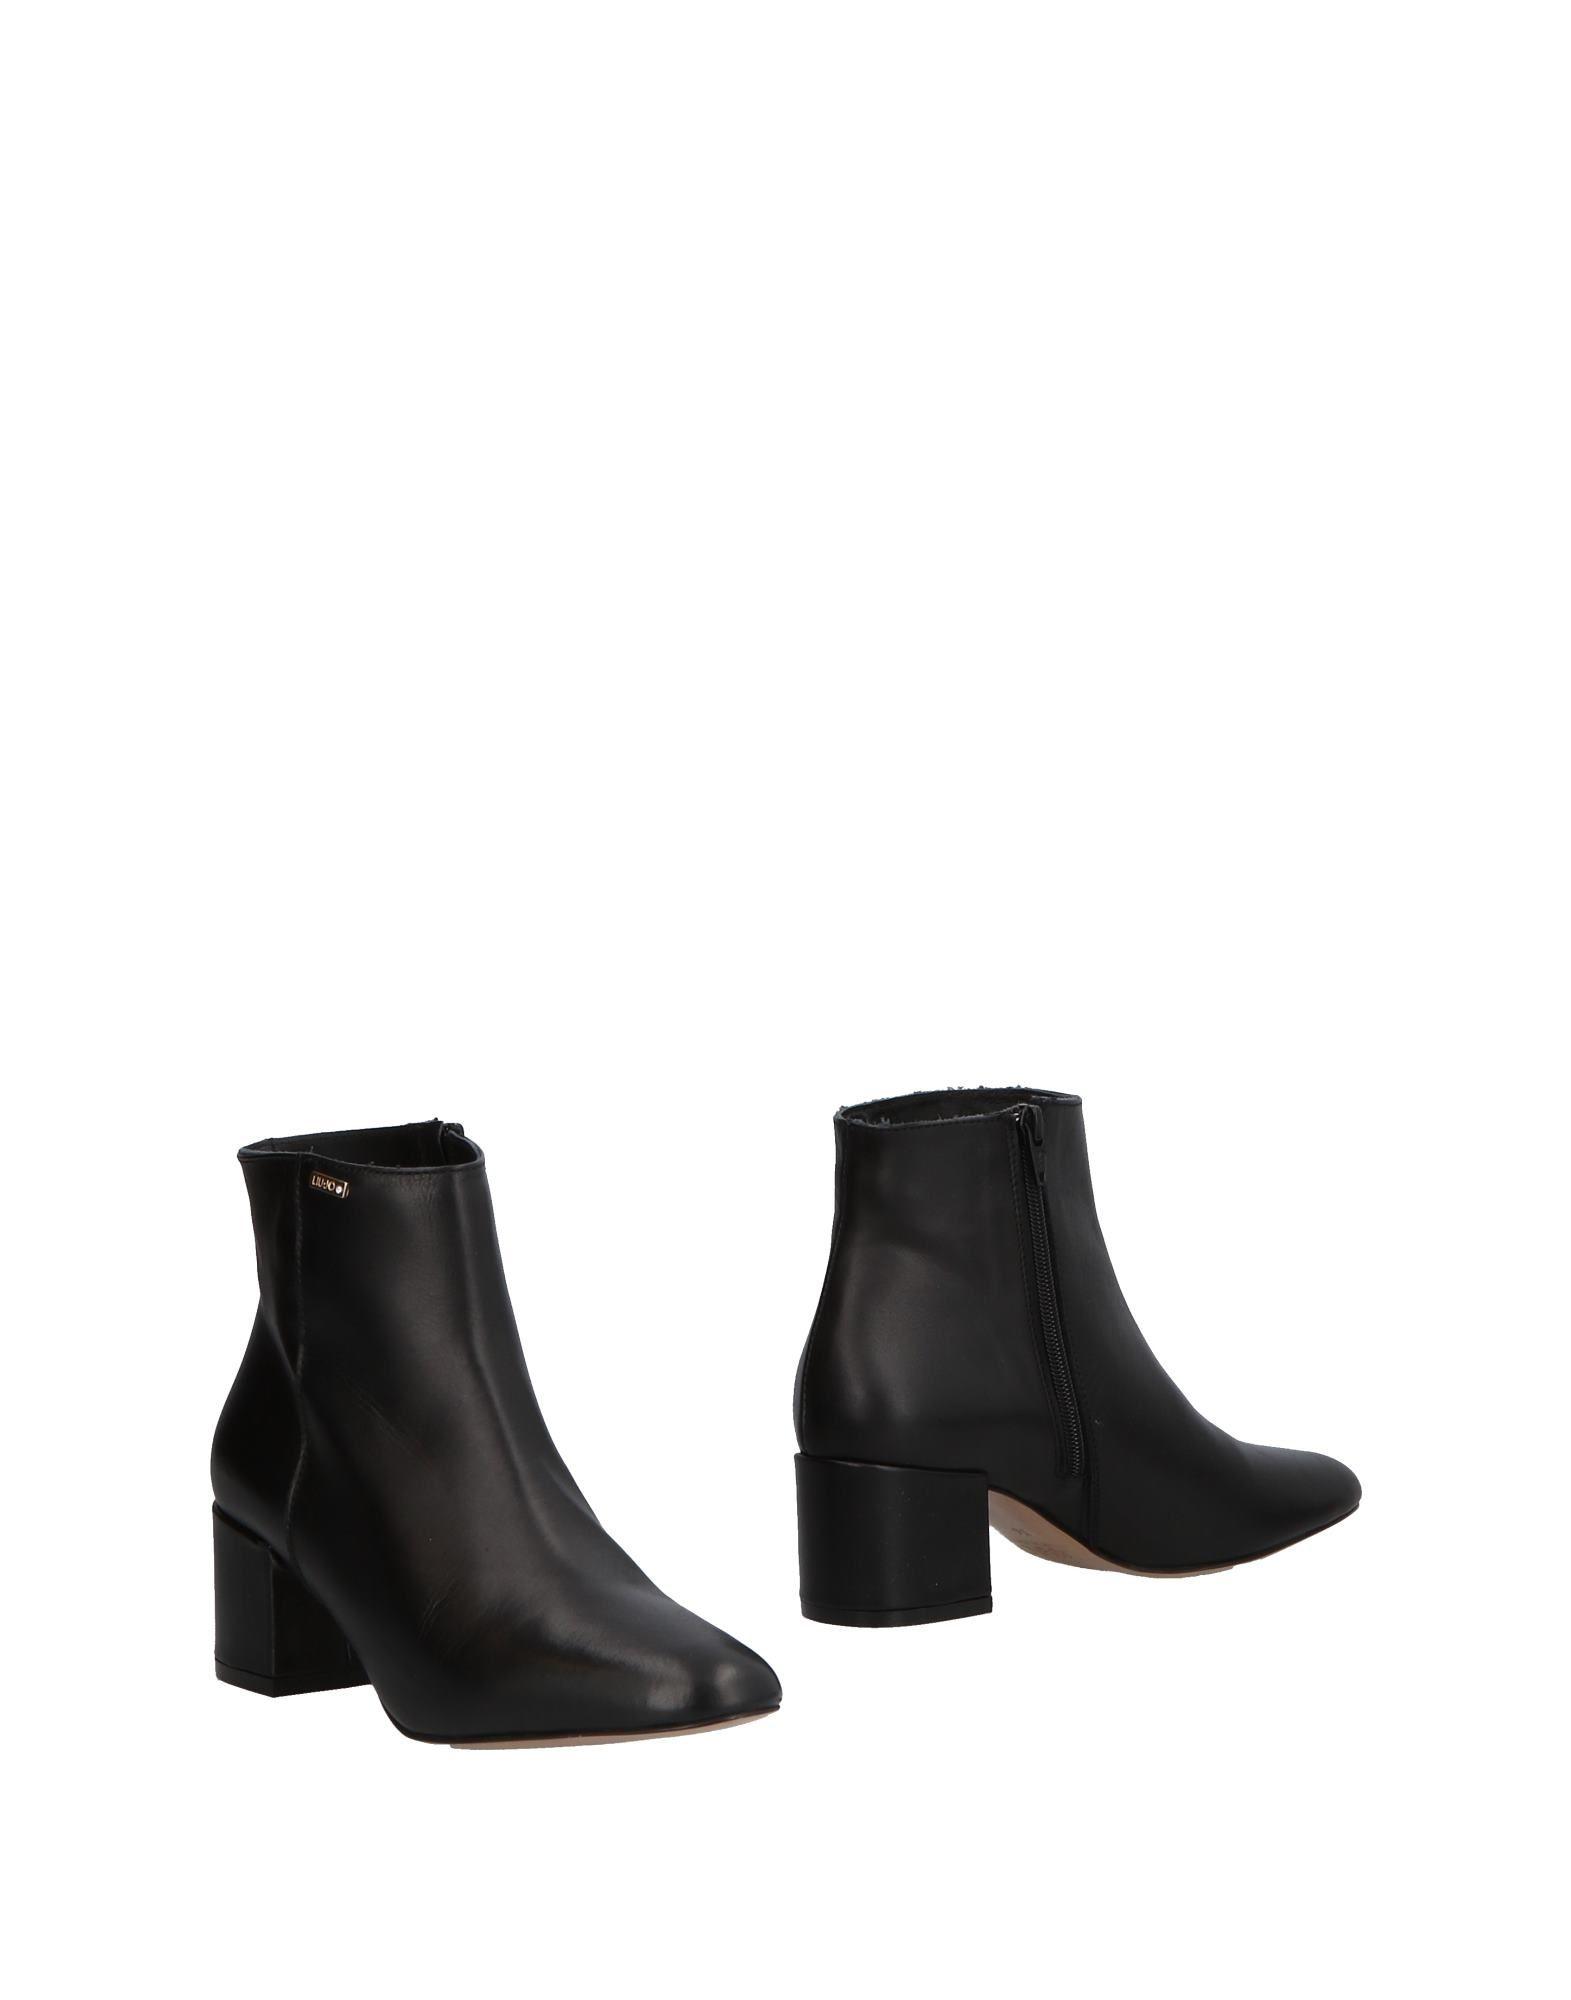 Liu •Jo Schuhes Qualität Stiefelette Damen 11499314KD Gute Qualität Schuhes beliebte Schuhe 340d11